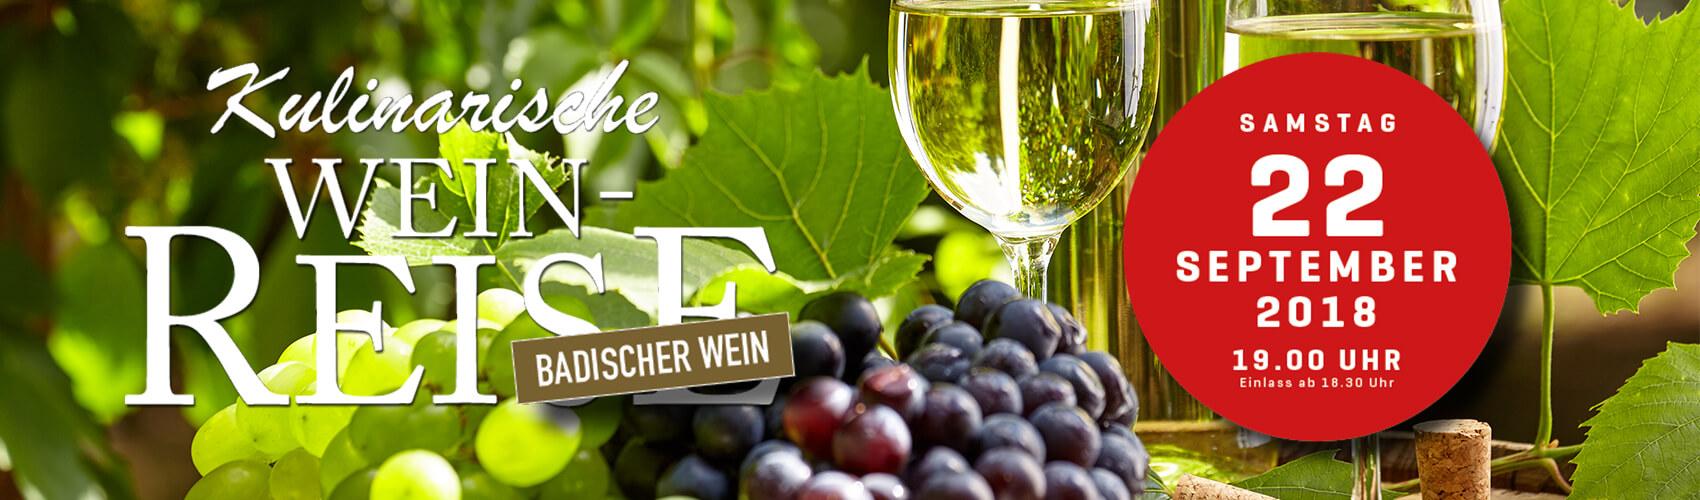 Kulinarische Weinreise - Baden-Baden